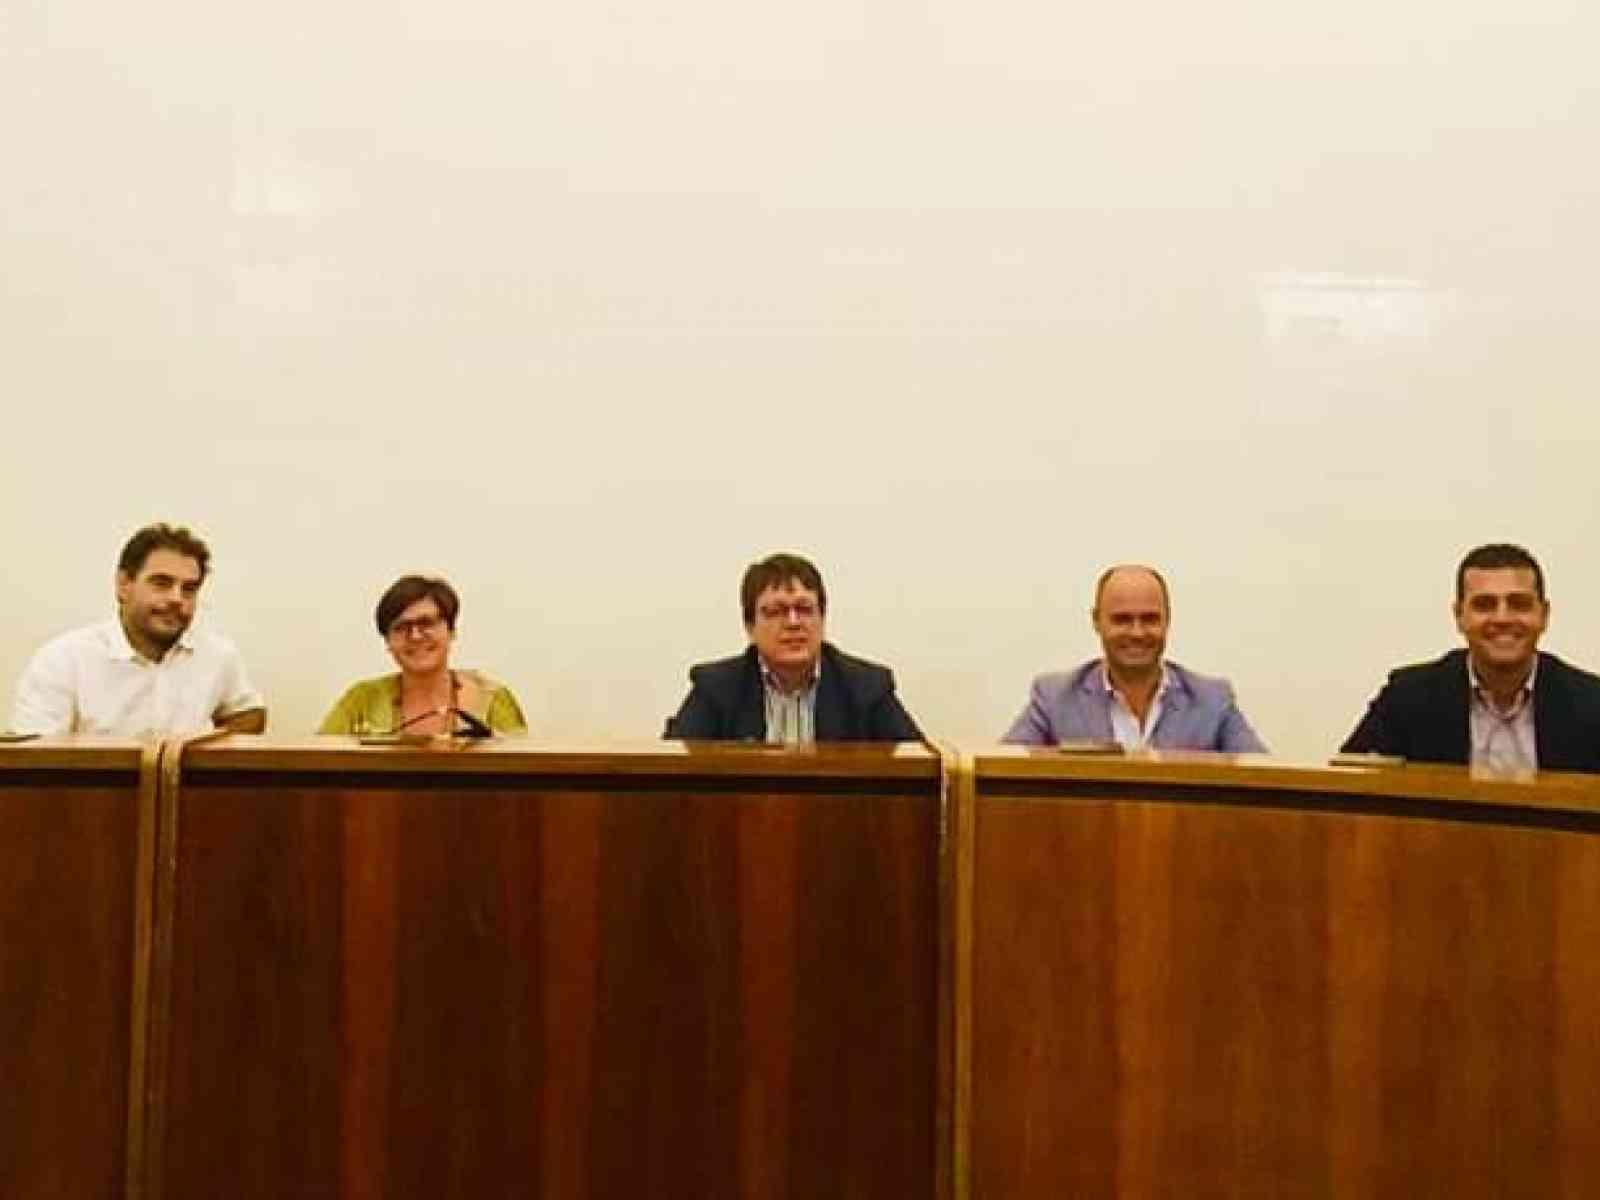 """Immagine articolo: Campagna di screening gratuito per l'esecuzione di tamponi rapidi Covid19, il Gruppo """"IdeaMenfi"""" esprime apprezzamento per l'iniziativa dell'ANCI Sicilia"""